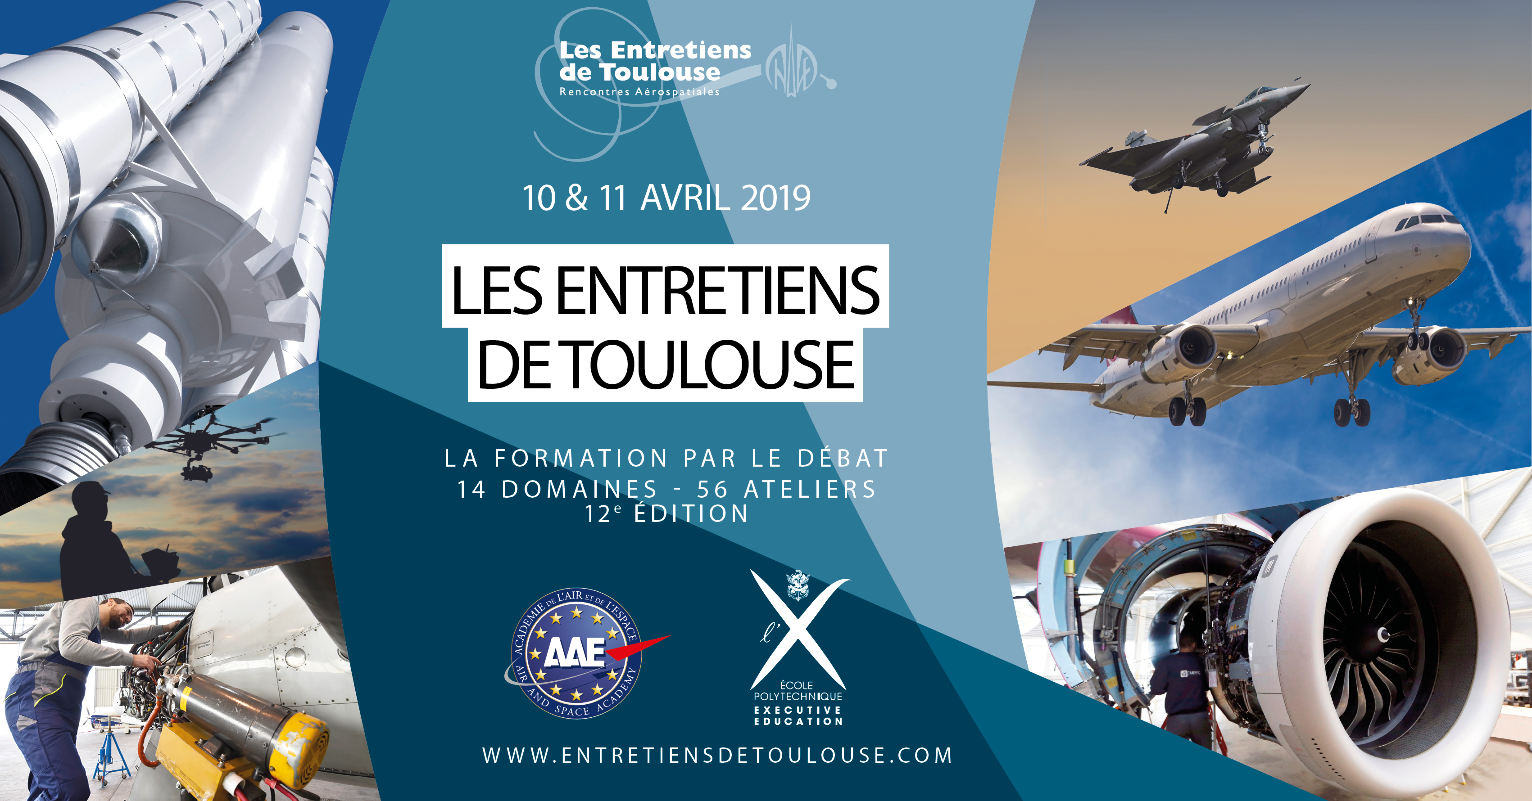 Les Entretiens de Toulouse, le Rendez-vous des acteurs du secteur aéronautique et spatial